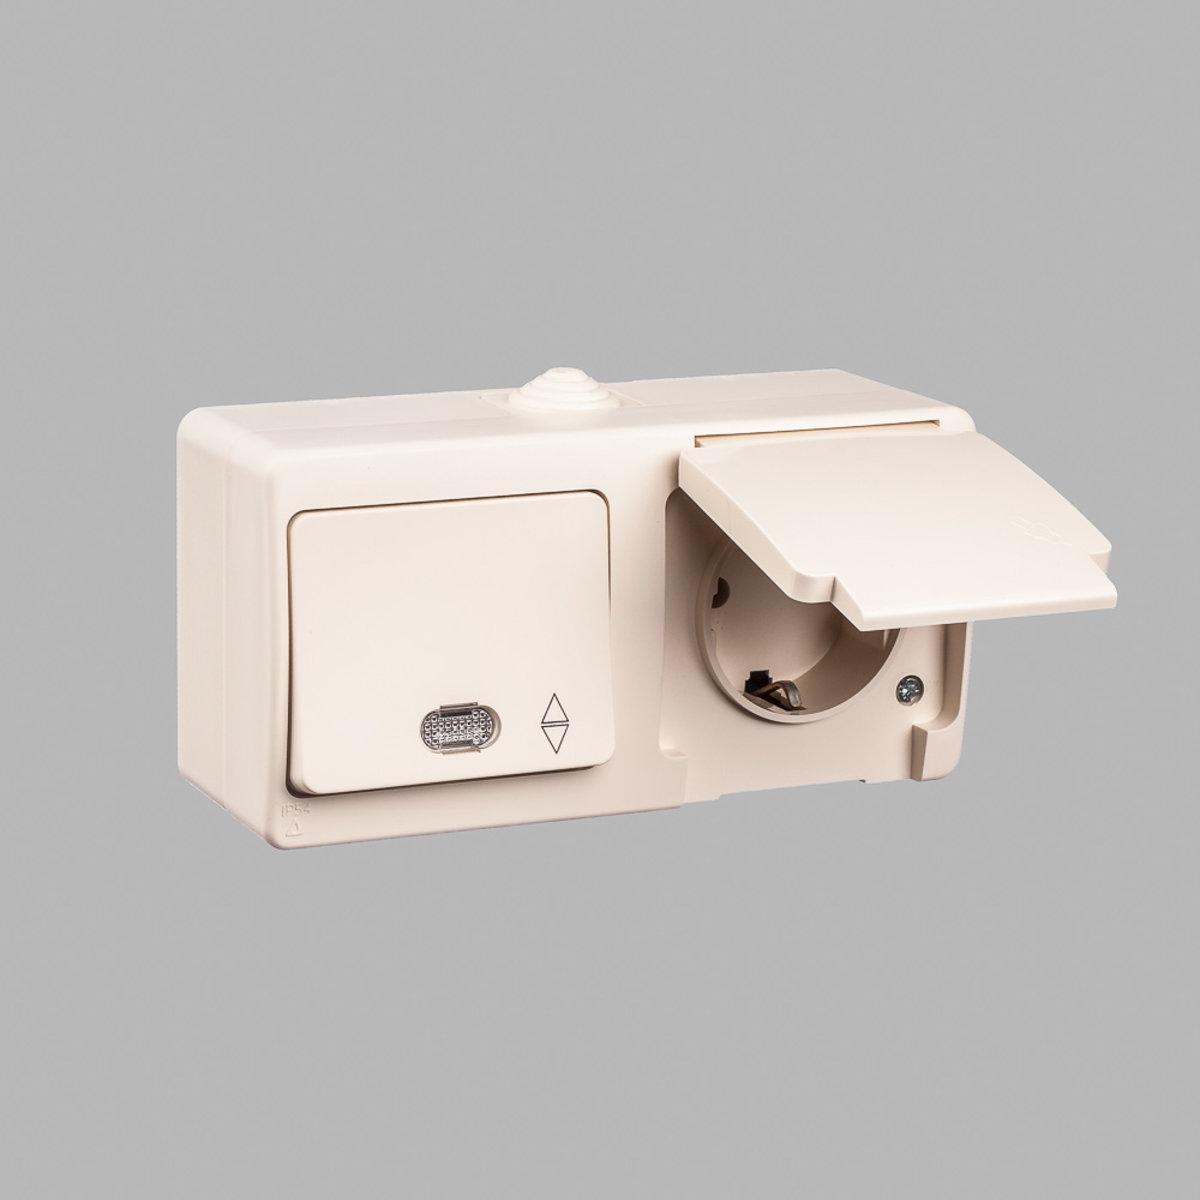 Nemli блок выключатель проходной 1-ый с подсветкой + розетка с заземлением влагозащищенный кремовый